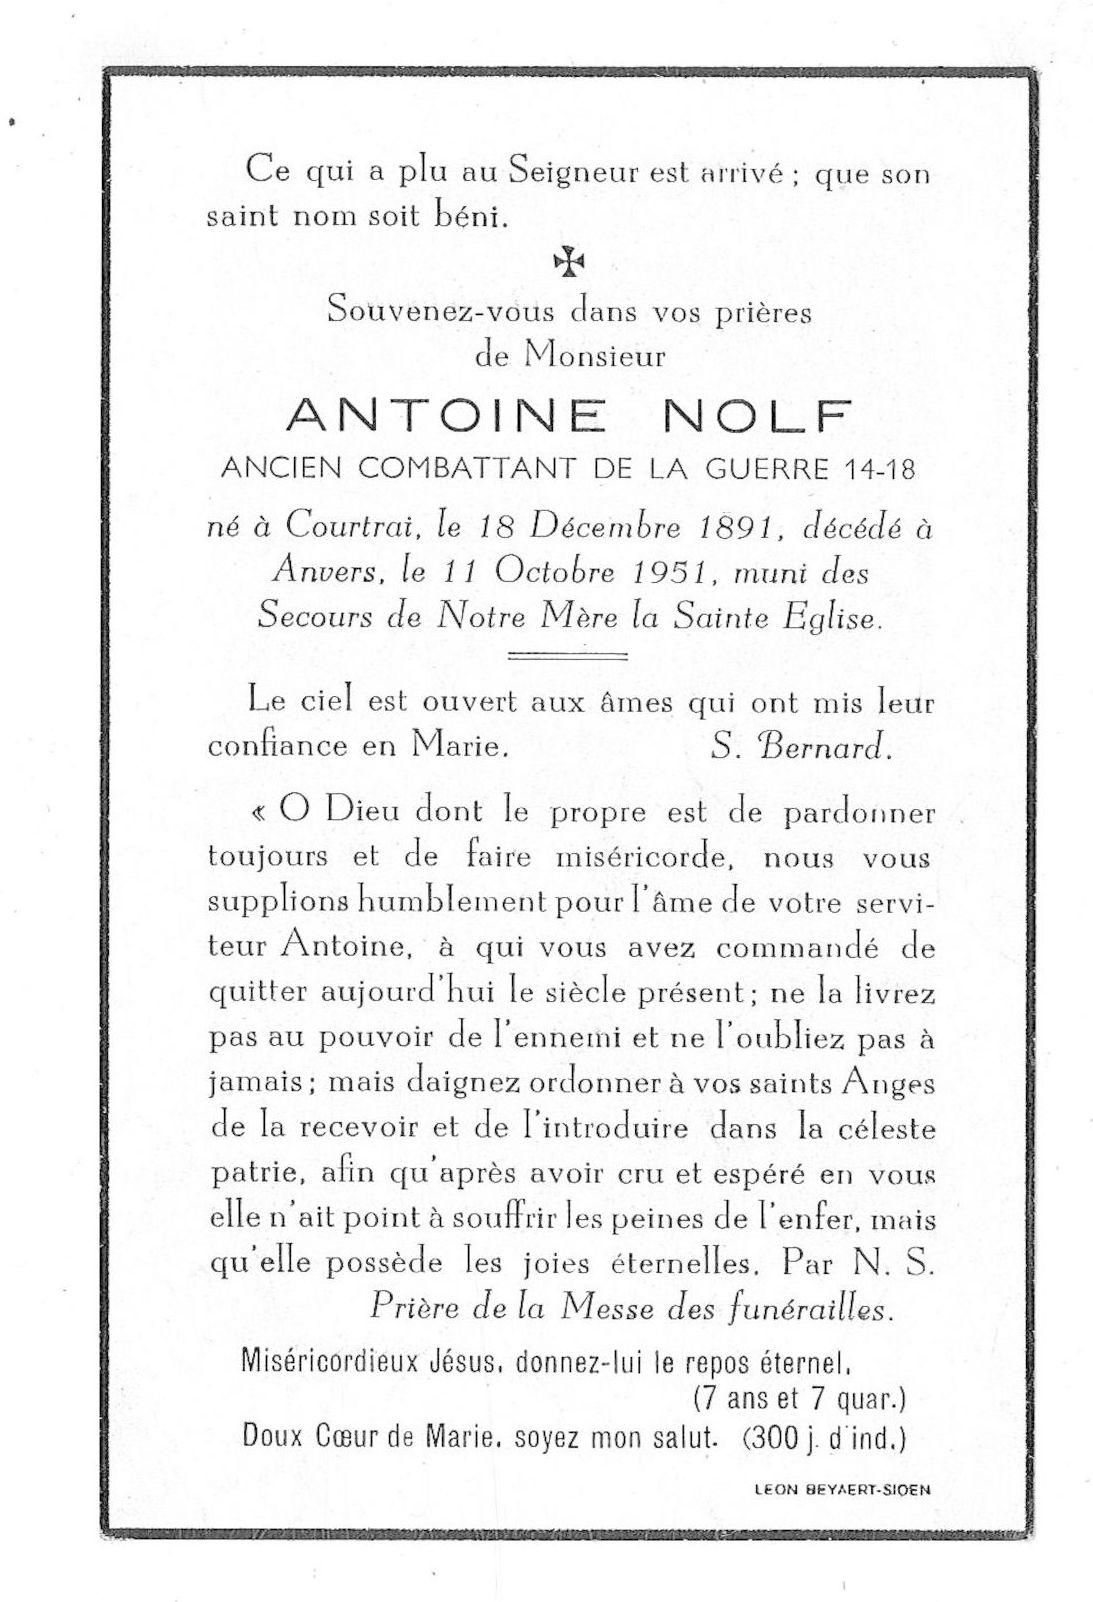 Antoine Nolf